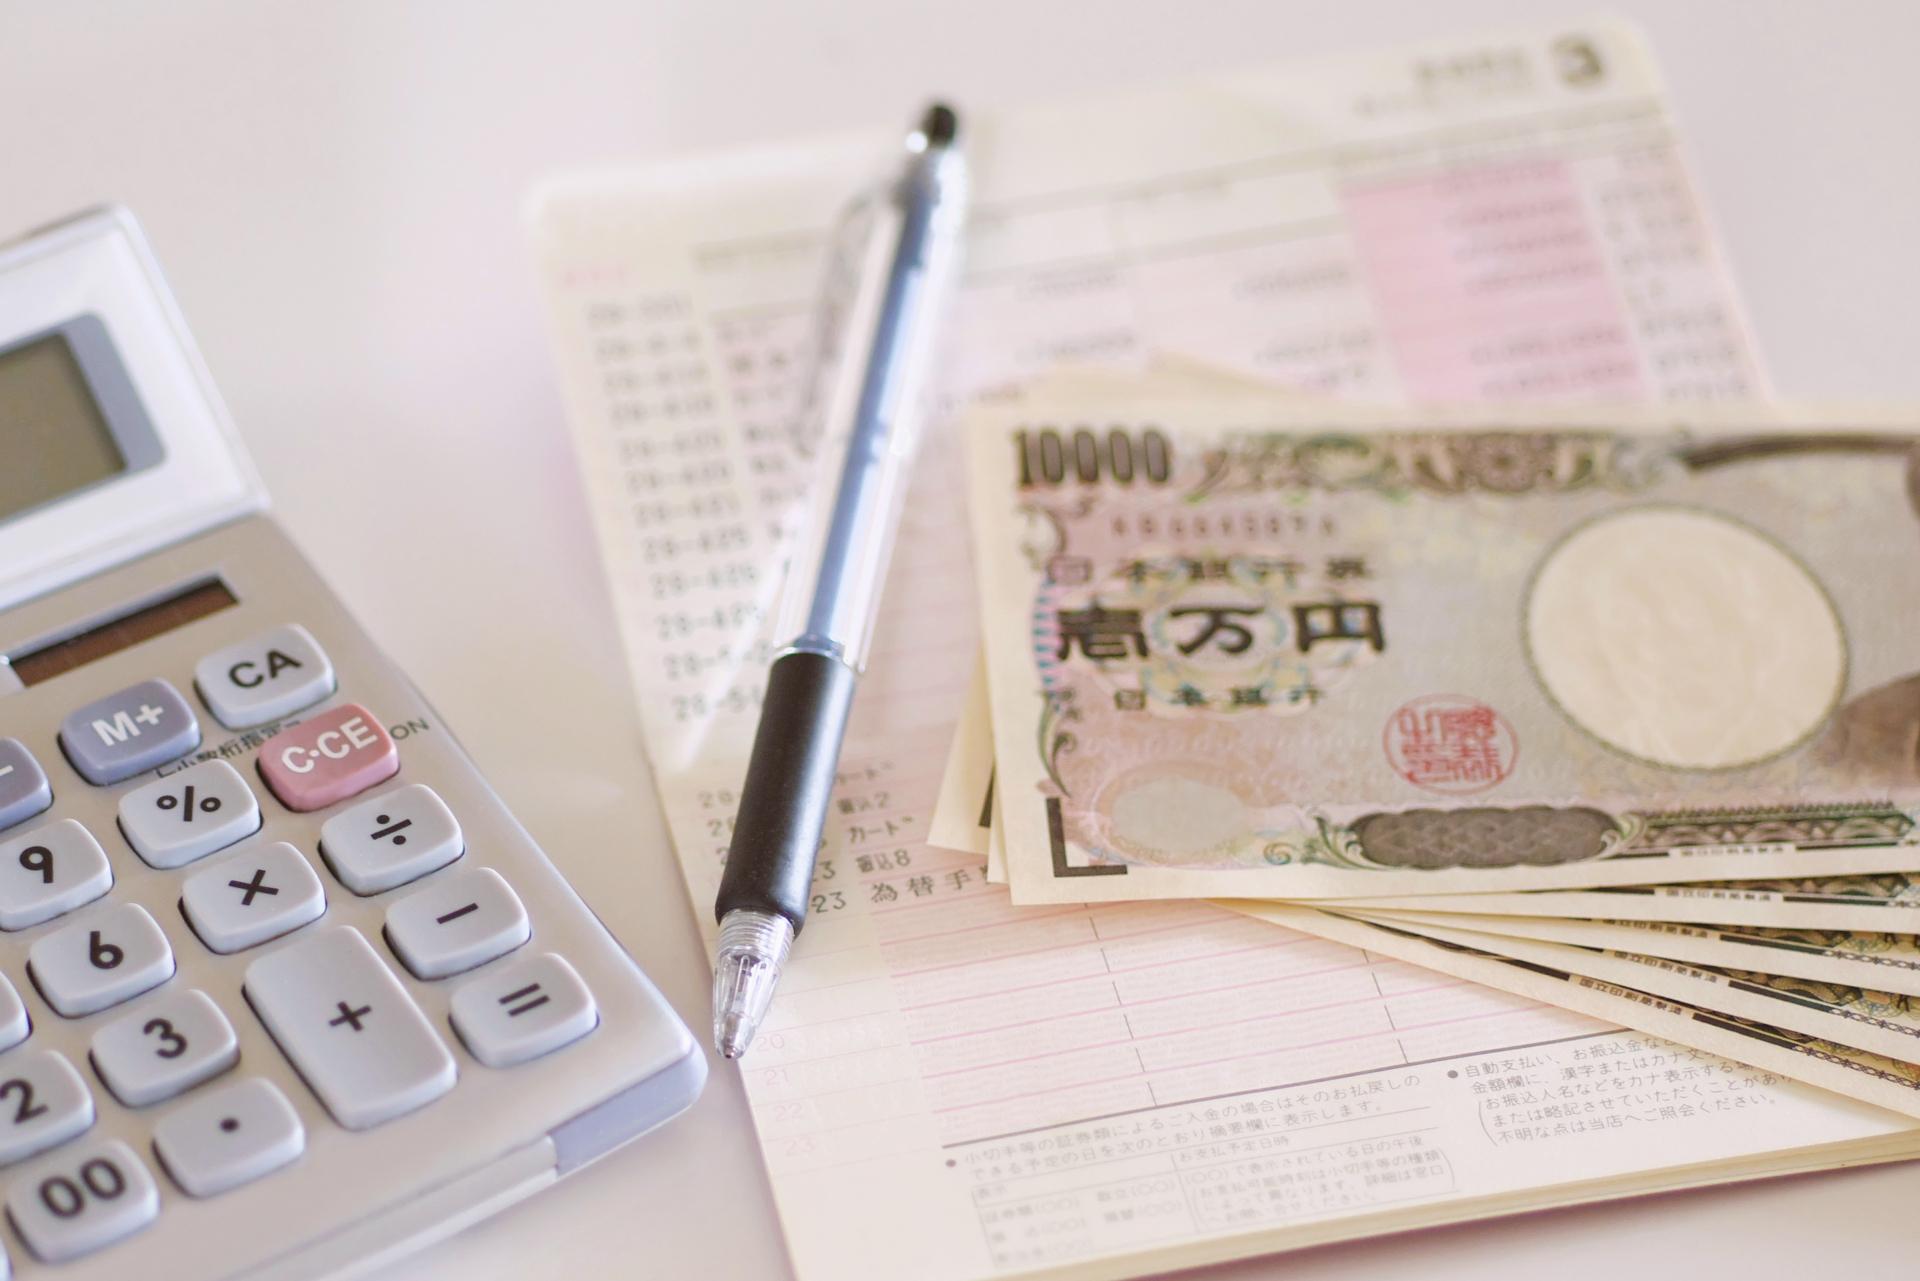 収入-貯蓄=支出の計算式がうまくいかない理由